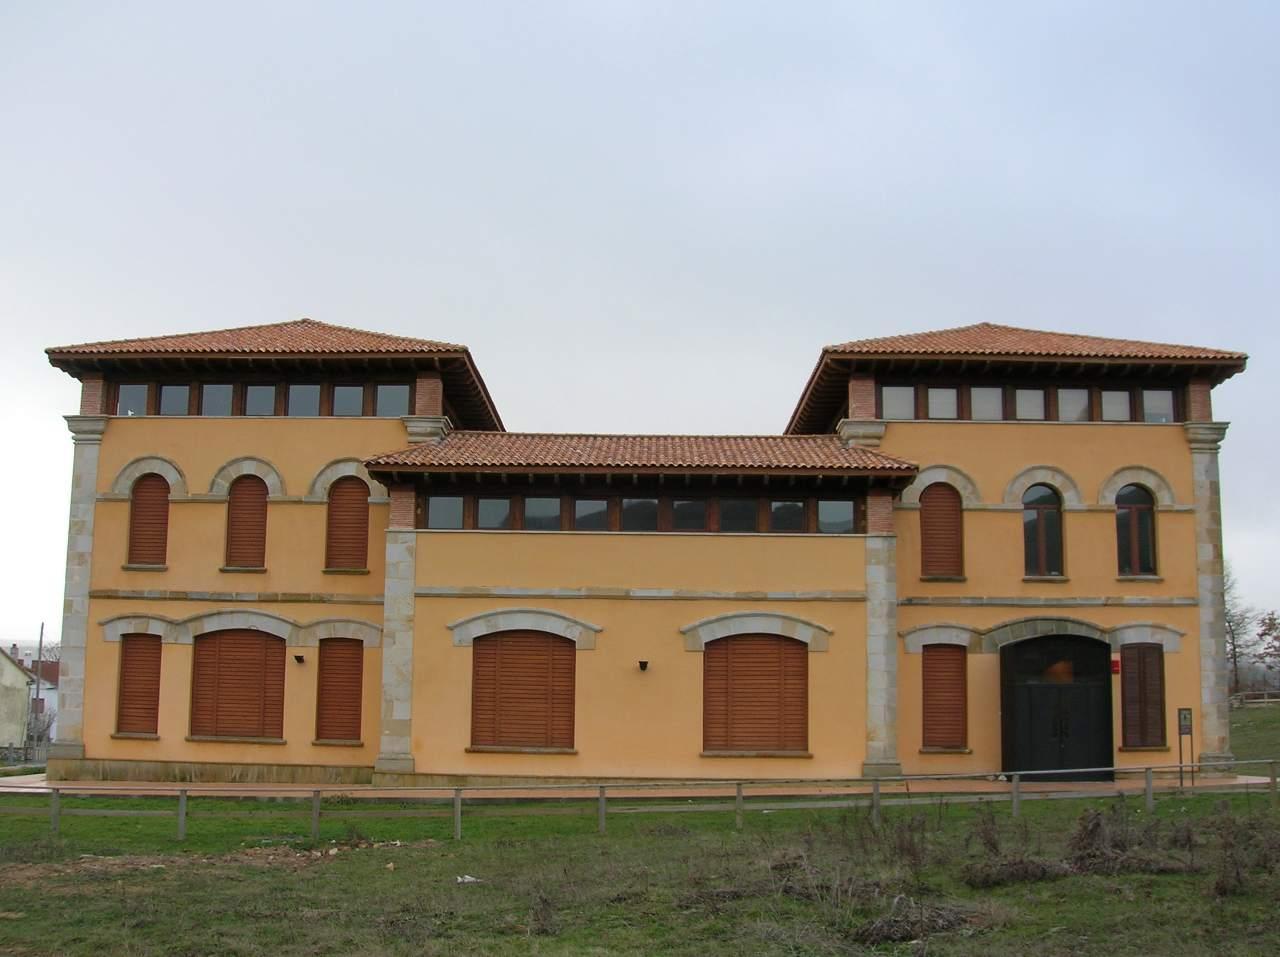 Casa del Parque 'Ojo Guareña'